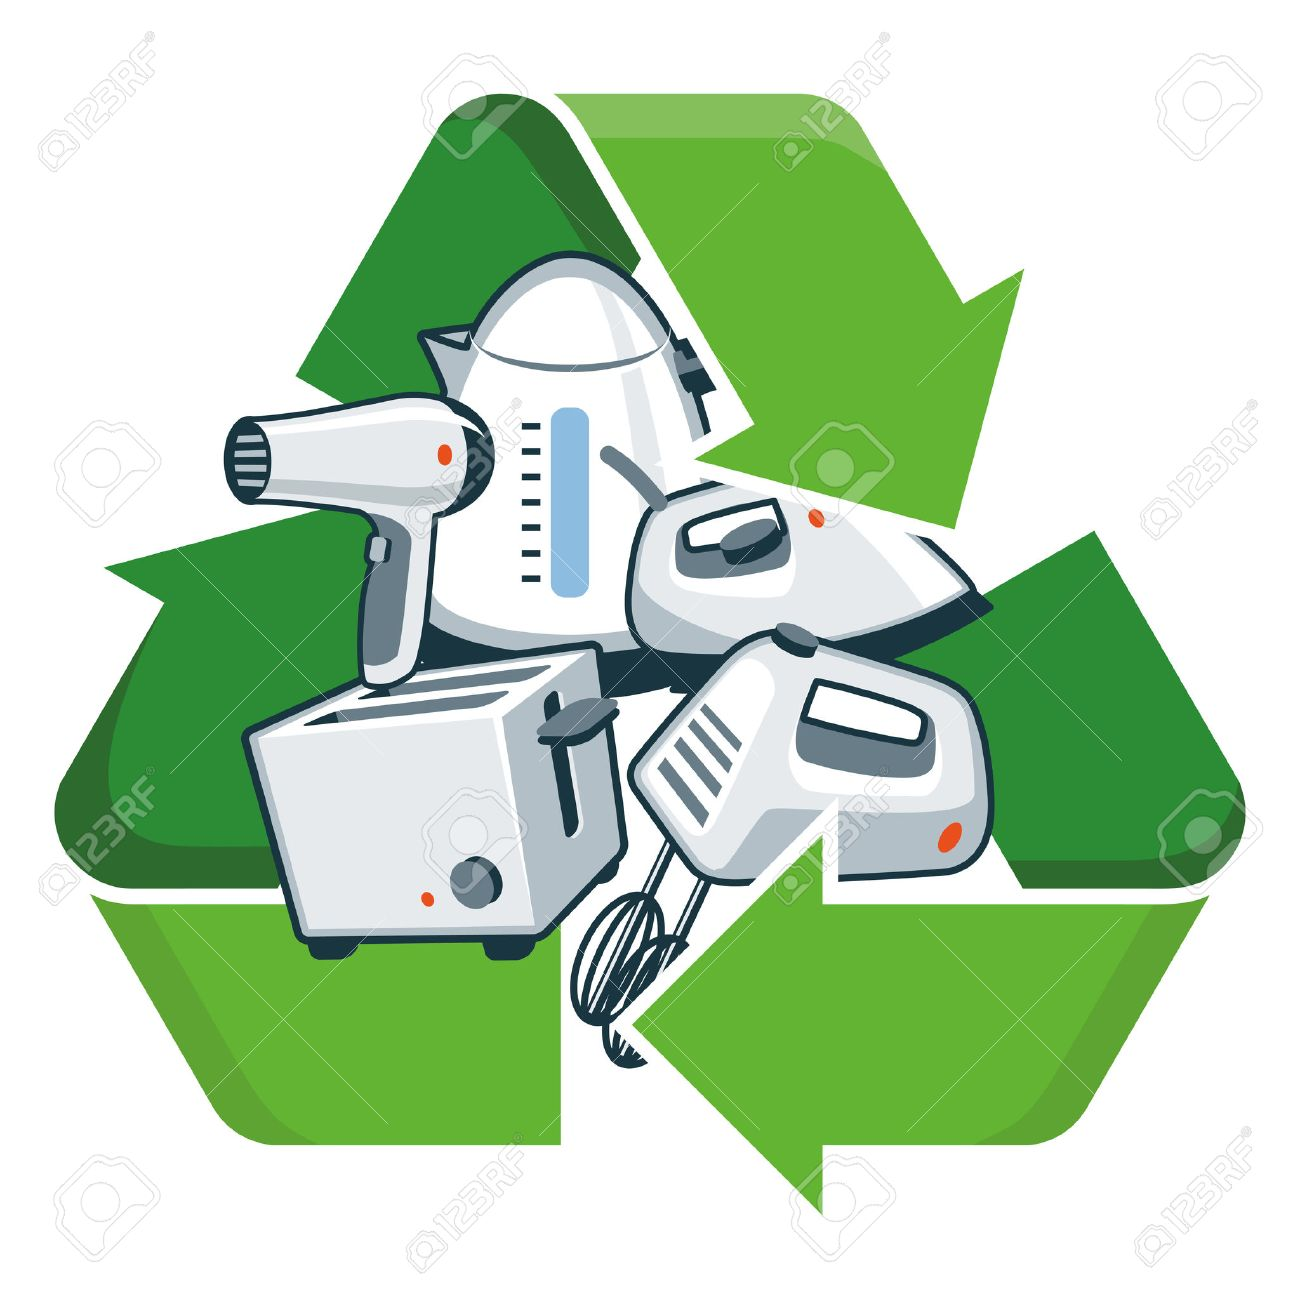 Kleine Elektronische Huishoudelijke Apparaten Met Recycling ...